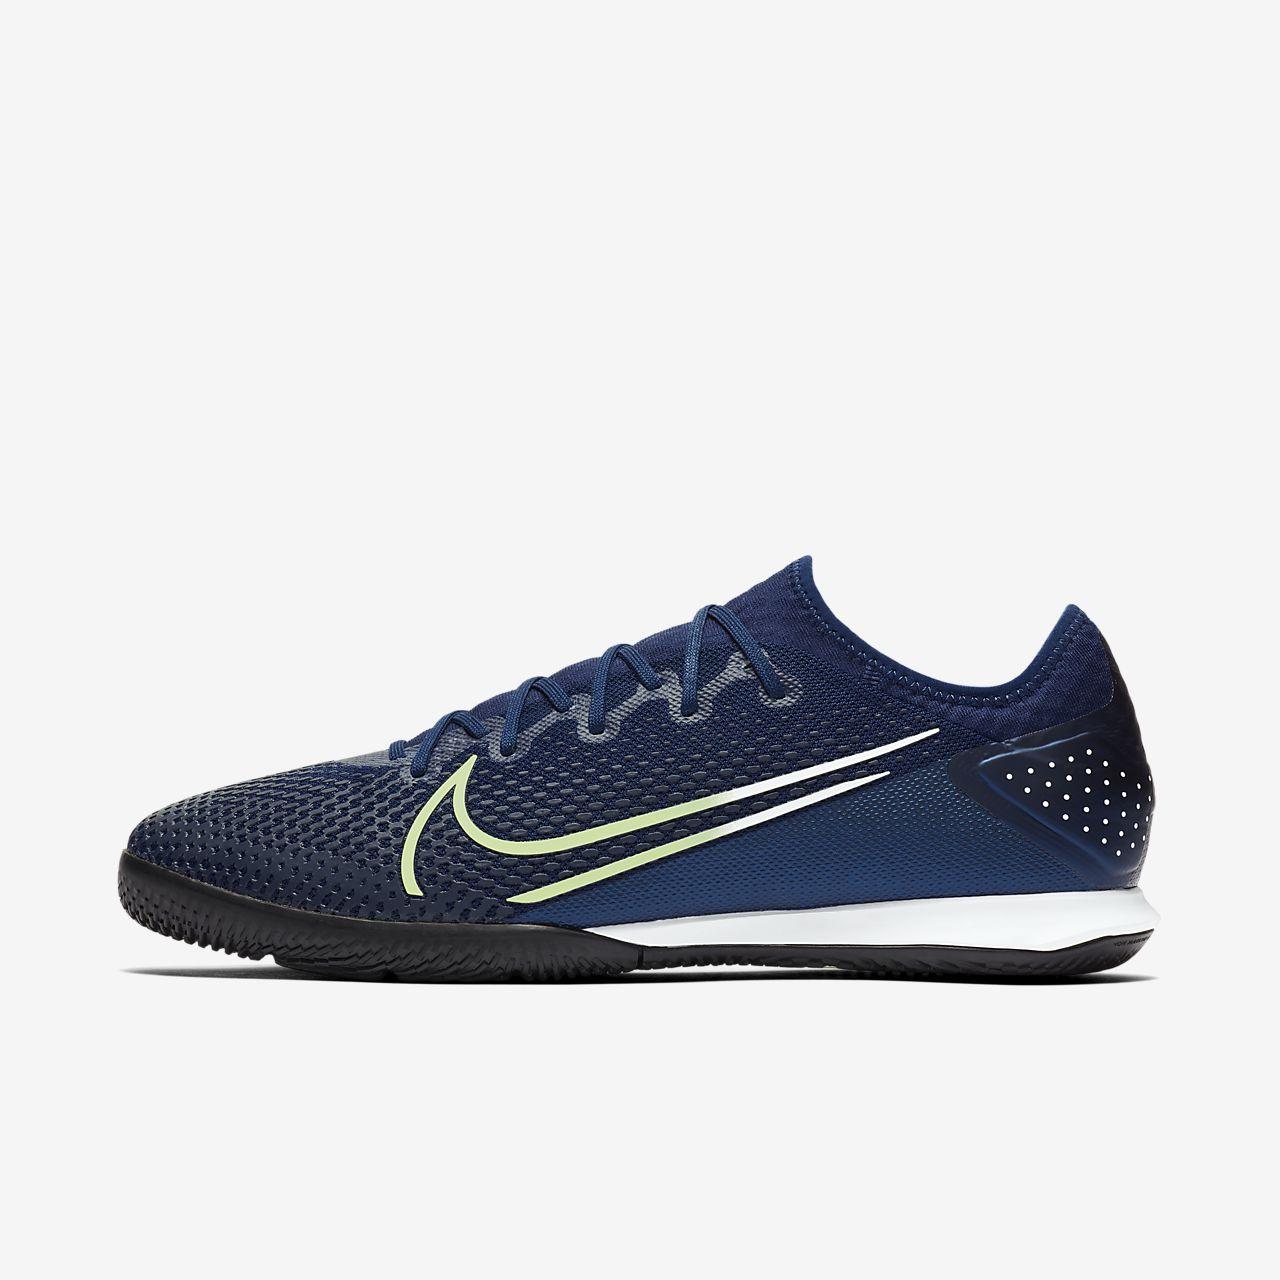 Fotbollssko Nike Mercurial Vapor 13 Pro MDS IC för inomhusplan/futsal/street